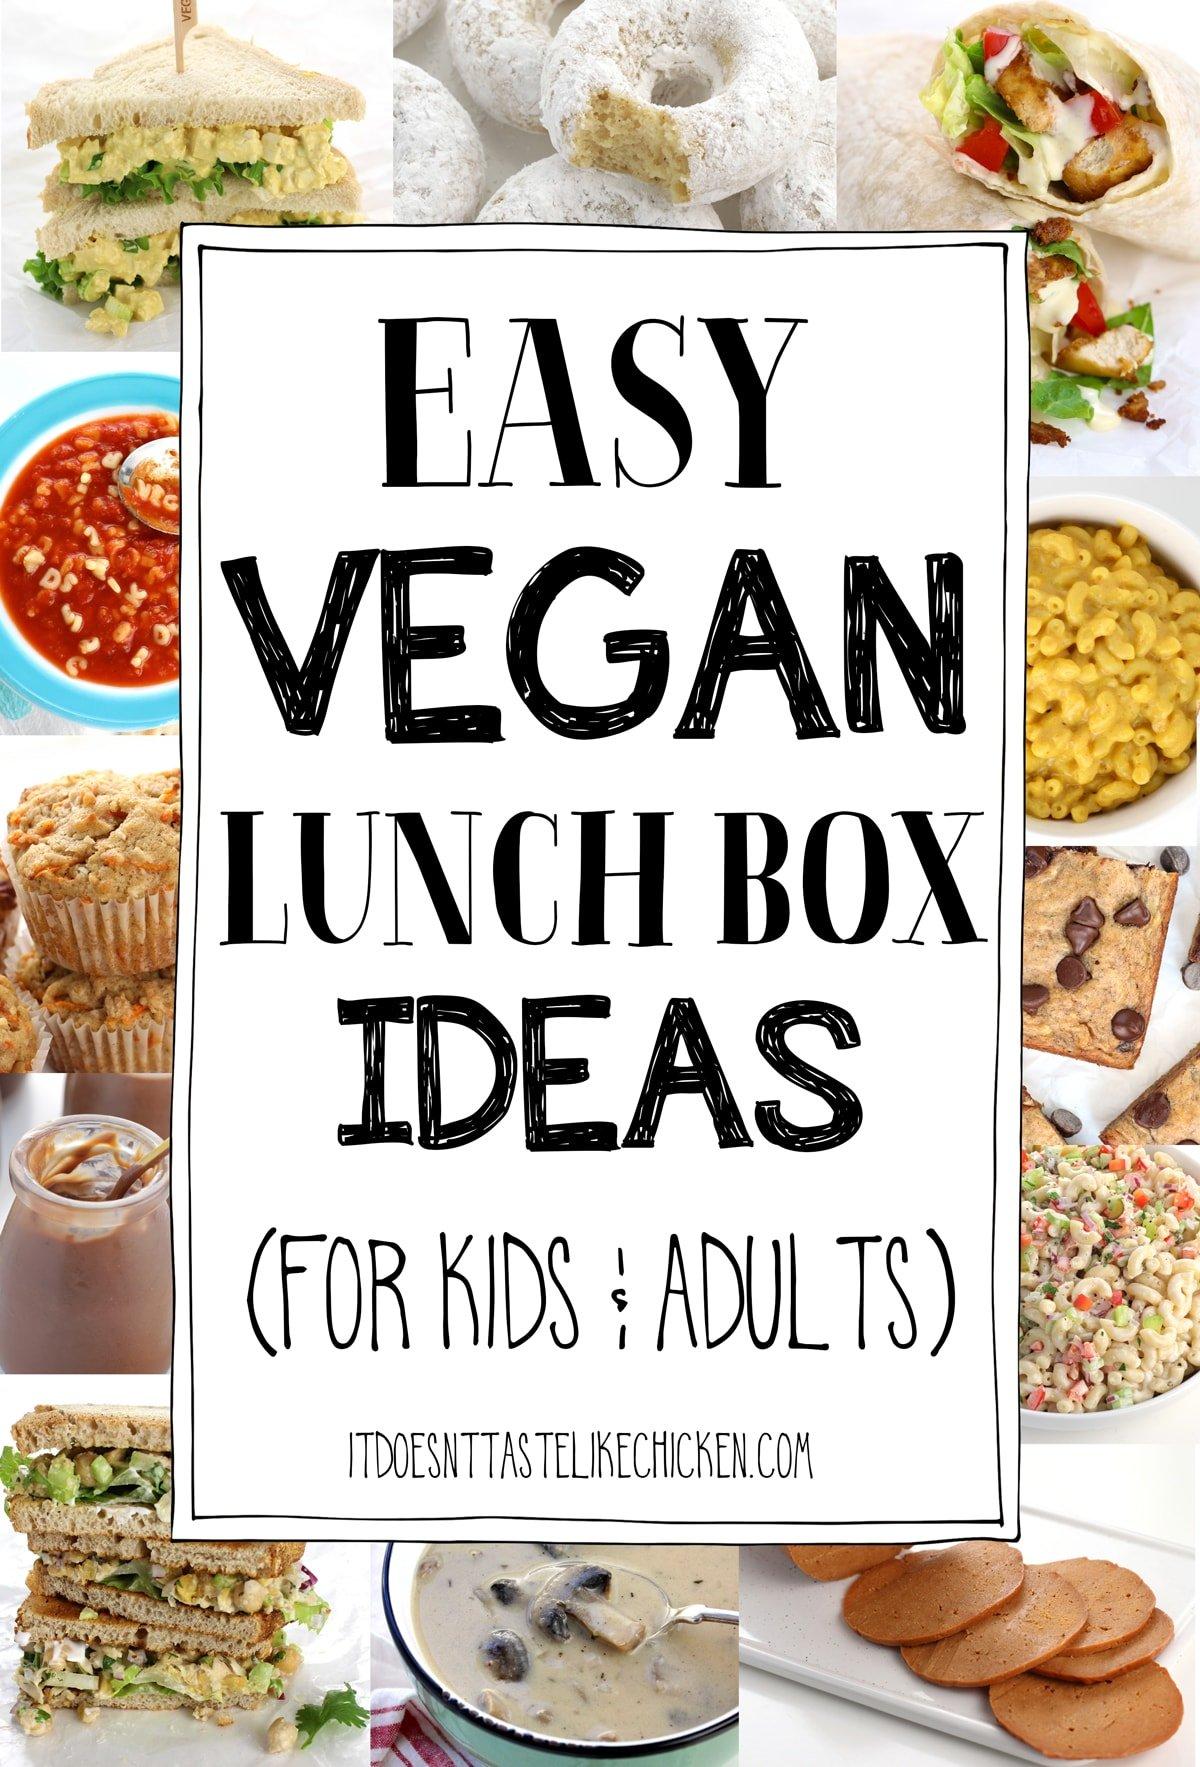 35 Easy Vegan Lunch Box Ideas For Kids Adults It Doesn T Taste Like Chicken